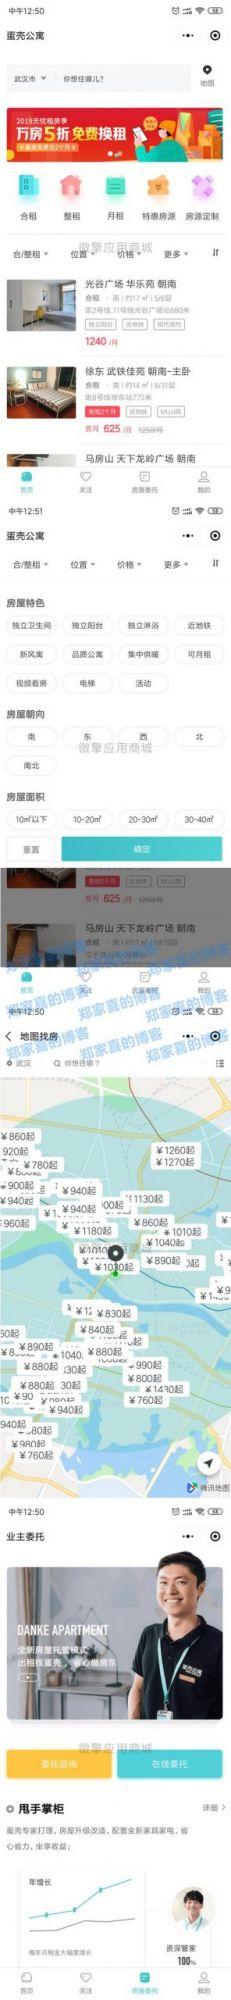 微客公寓出租房V1.0.13 带微信小程序前端